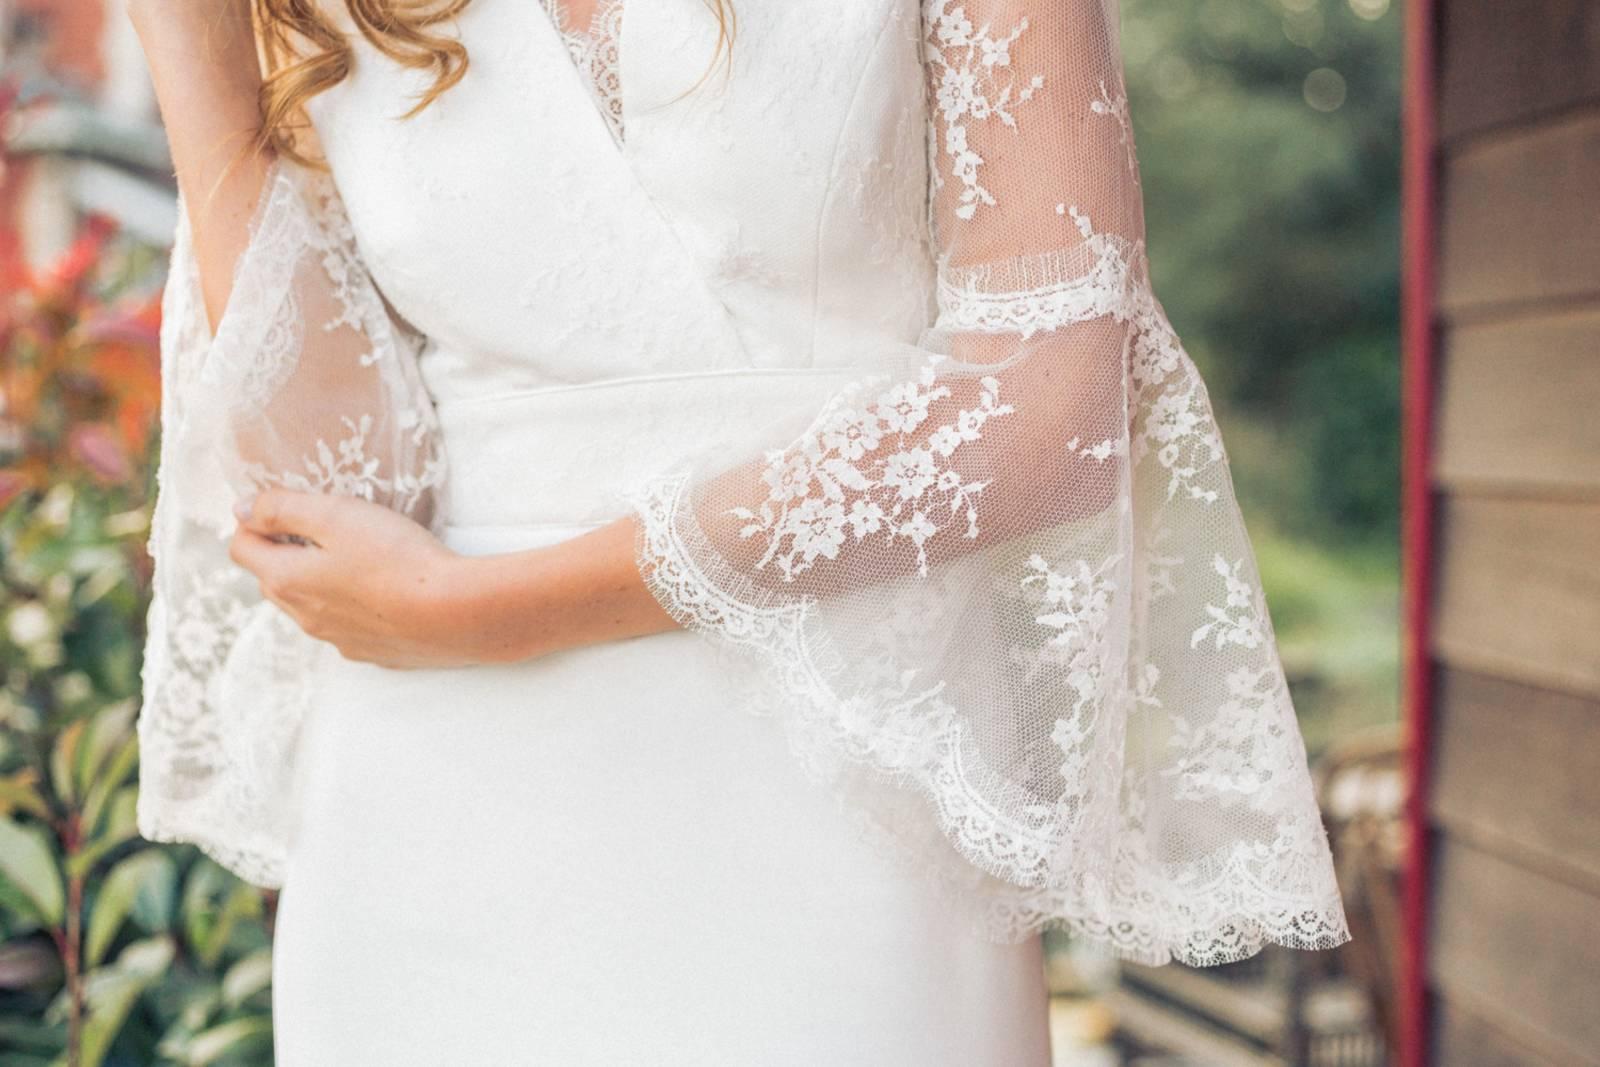 House of Weddings Charline Verbeken Trouwjurk Bruidsjurk Couture Trouwkleed Trouwen Huwelijk Mariage  (44)